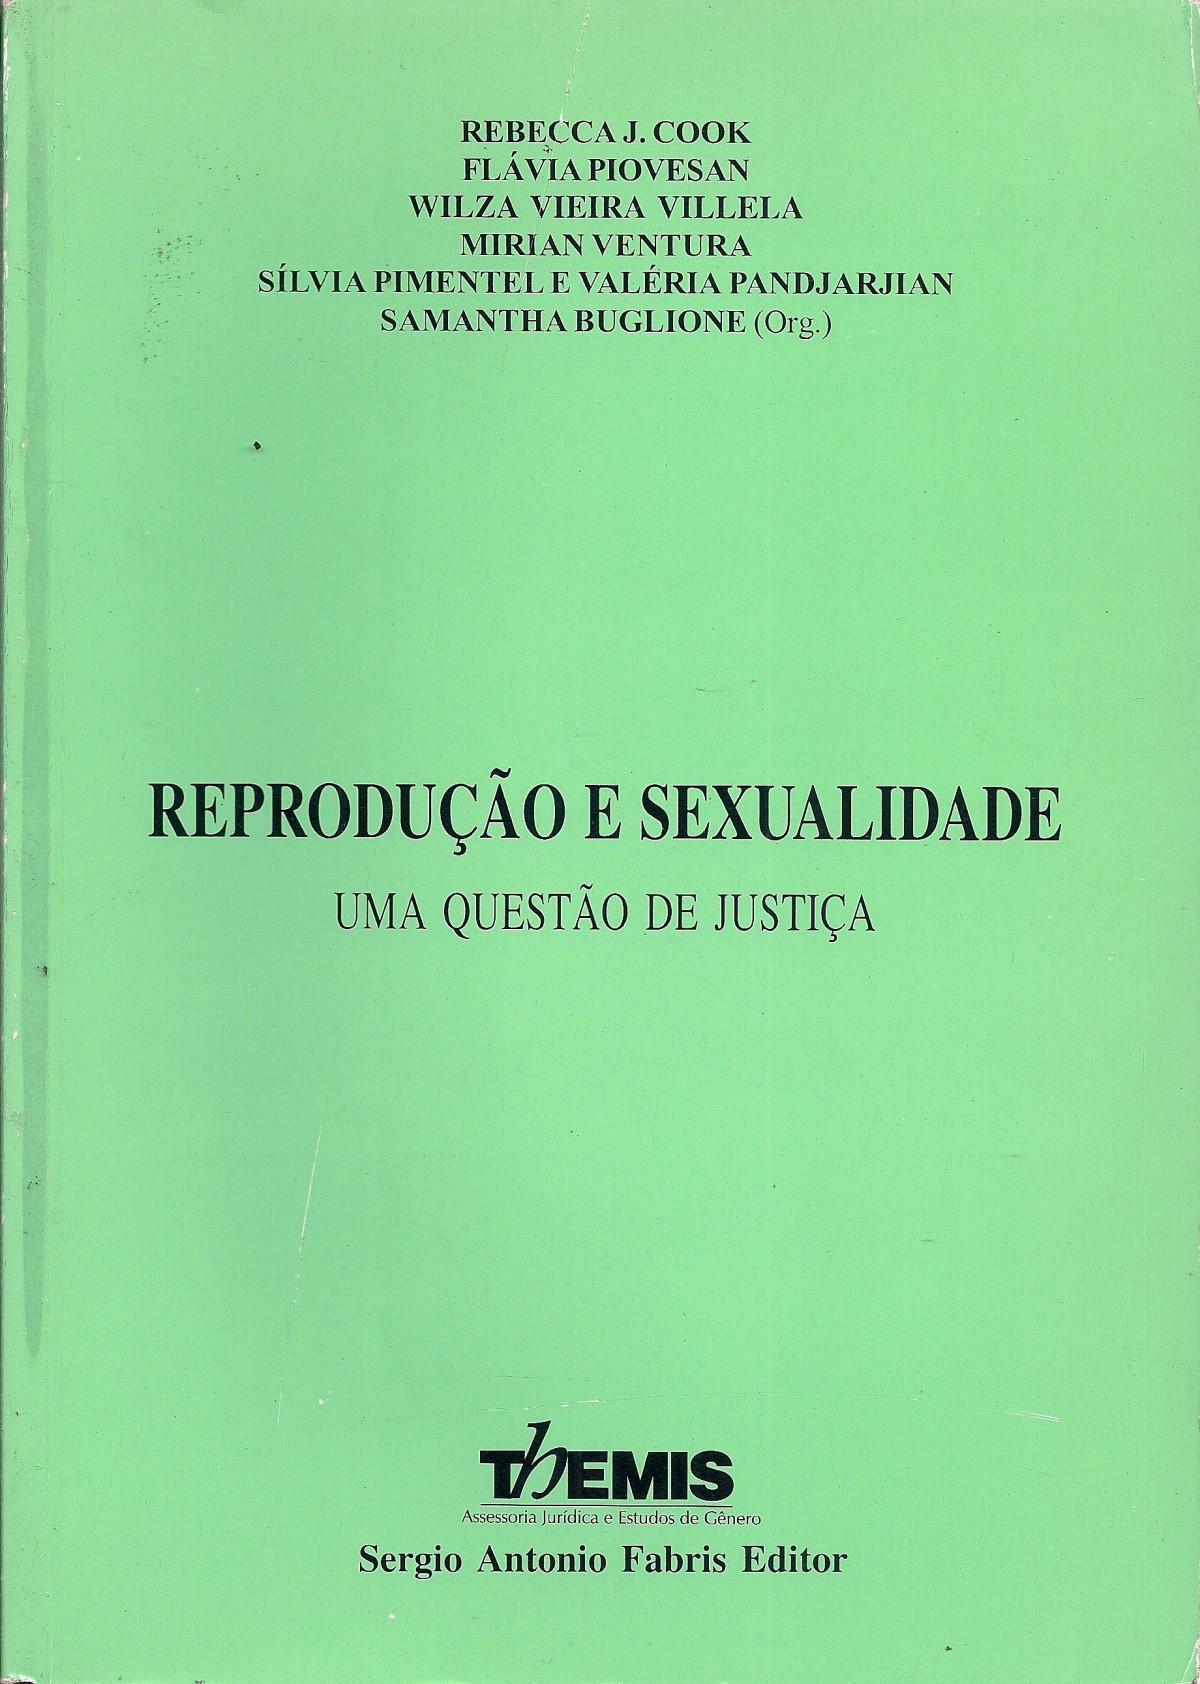 Foto 1 - Reprodução e Sexualidade: Uma Questão de Justiça